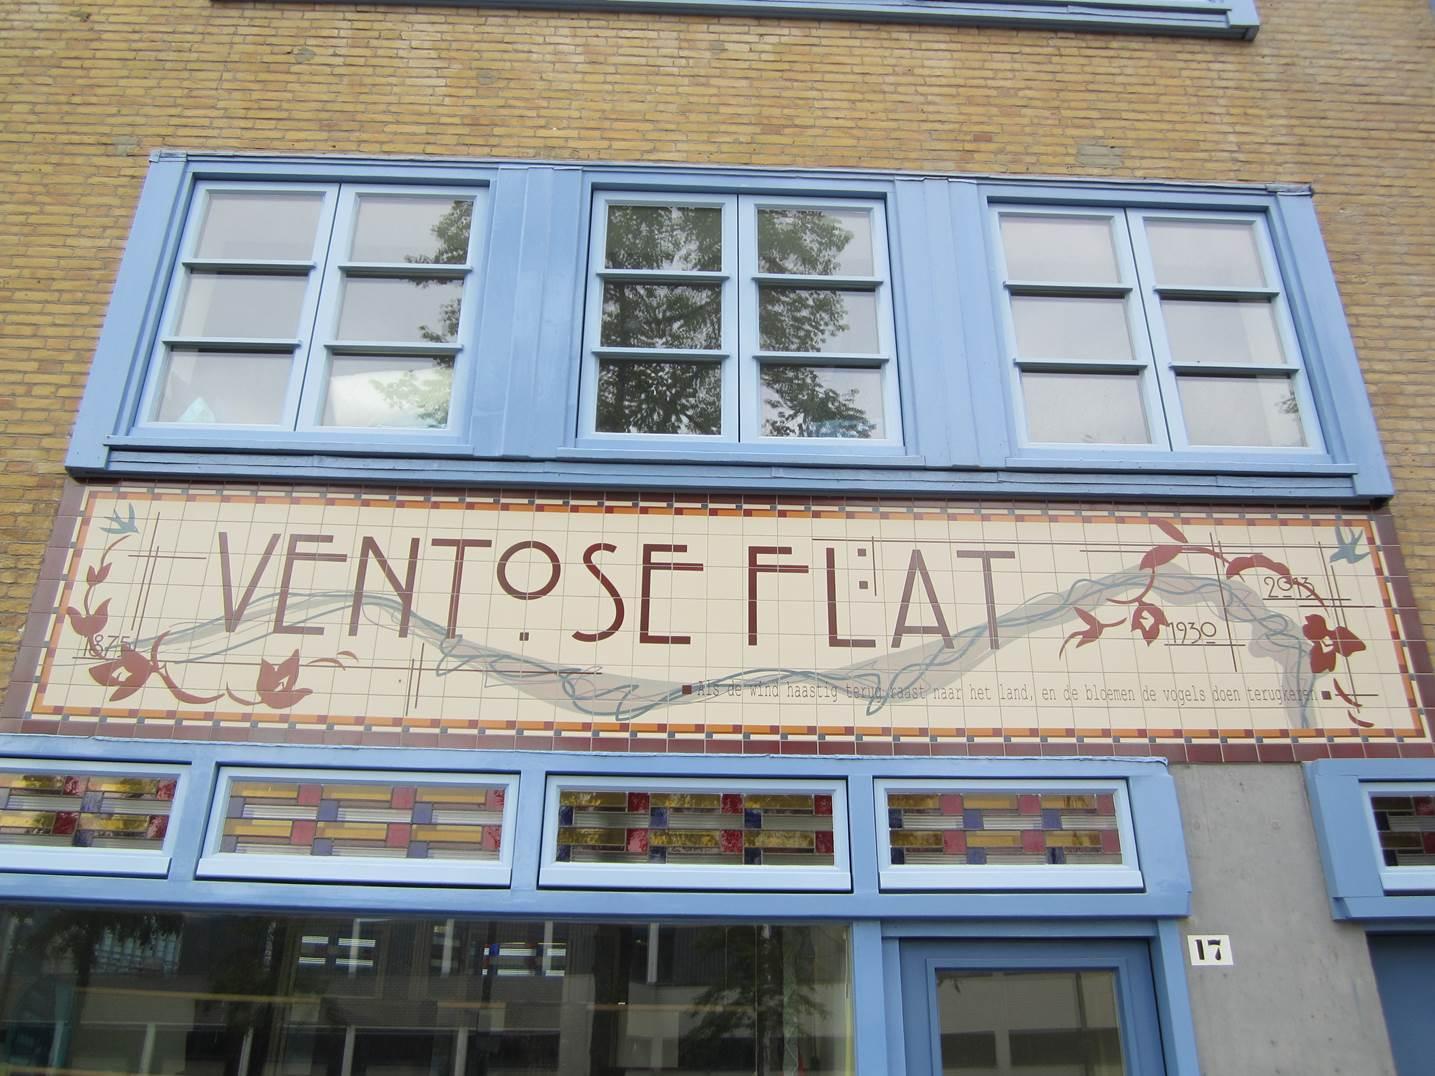 VentoseFlat2